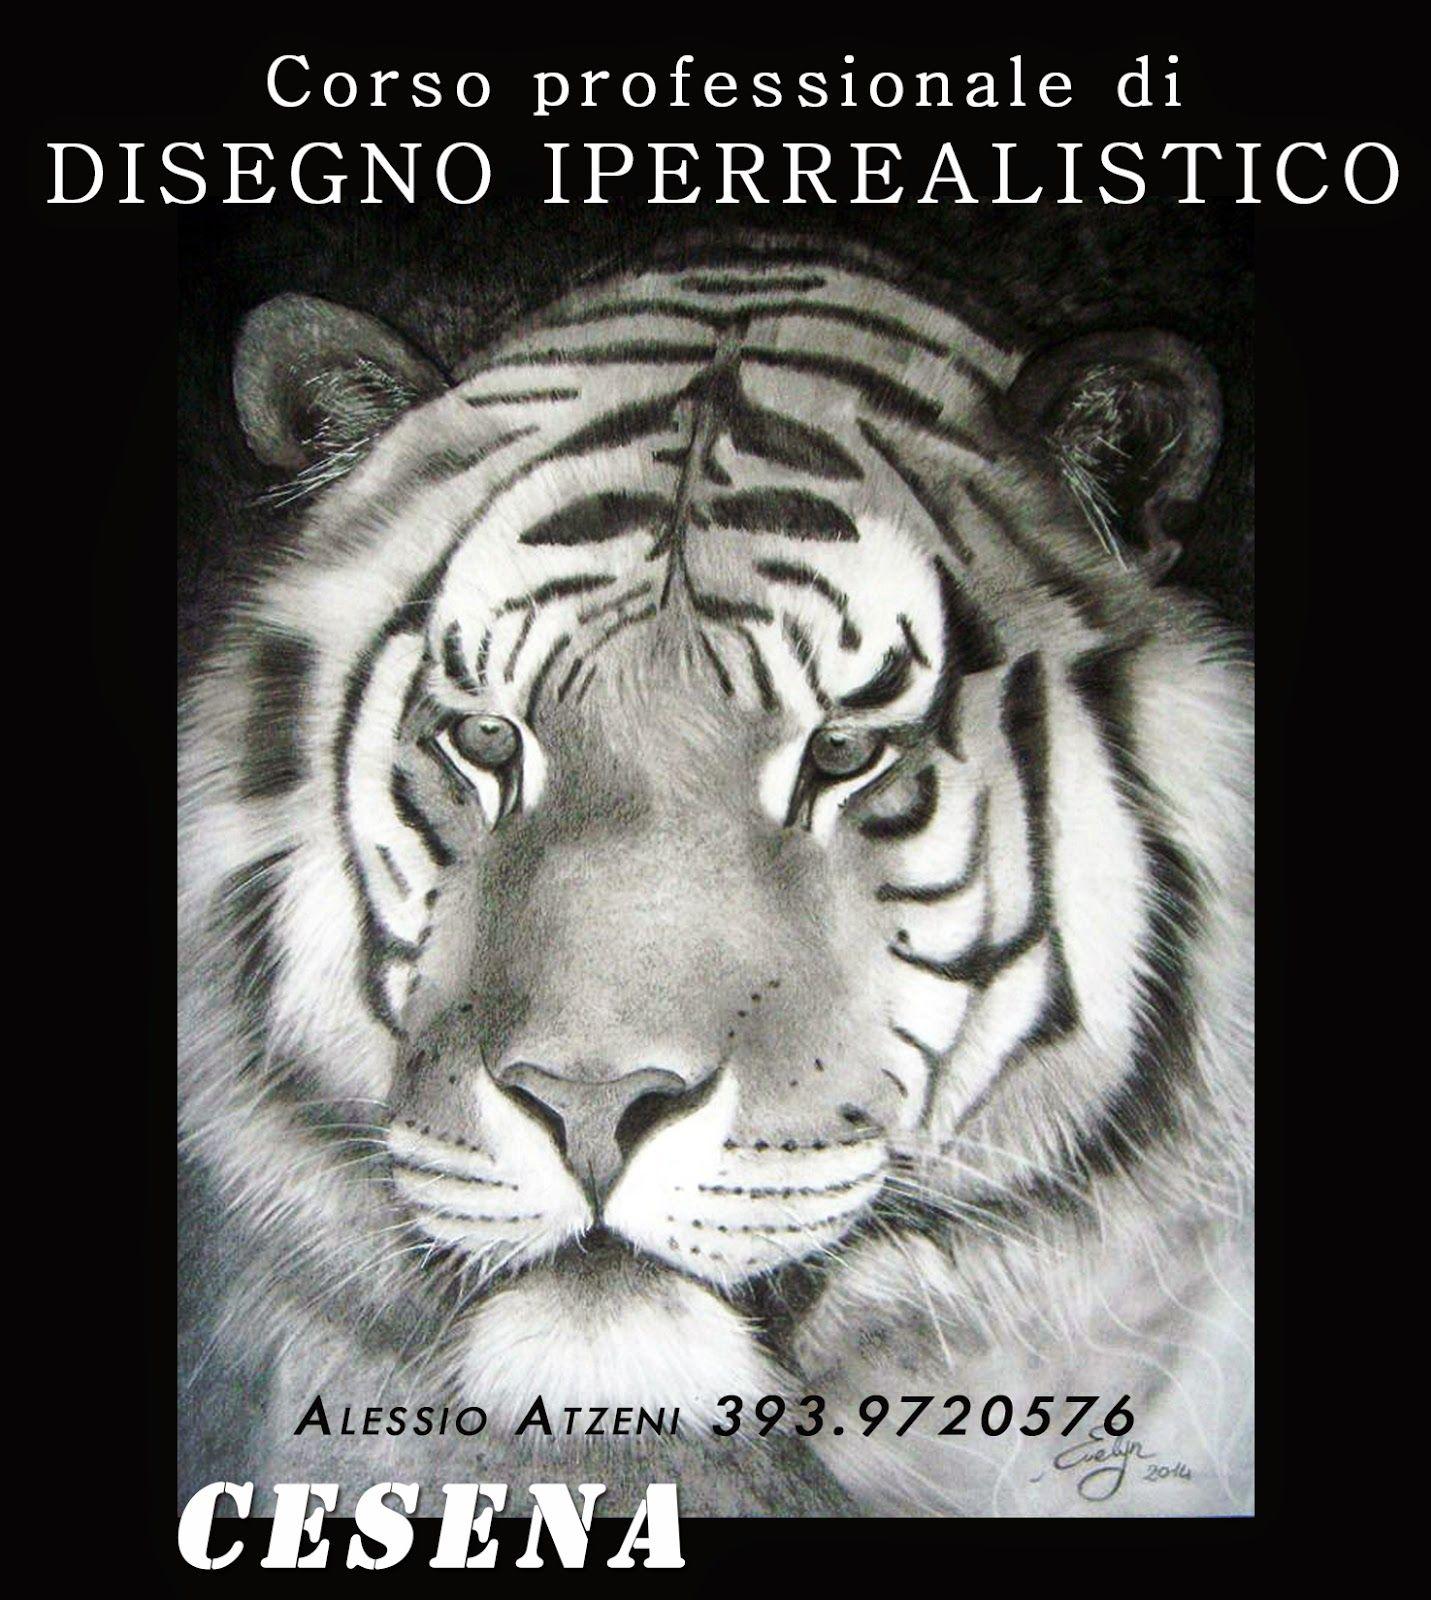 Alessio Atzeni Artista: Corso professionale di disegno iperrealistico OTTOBRE